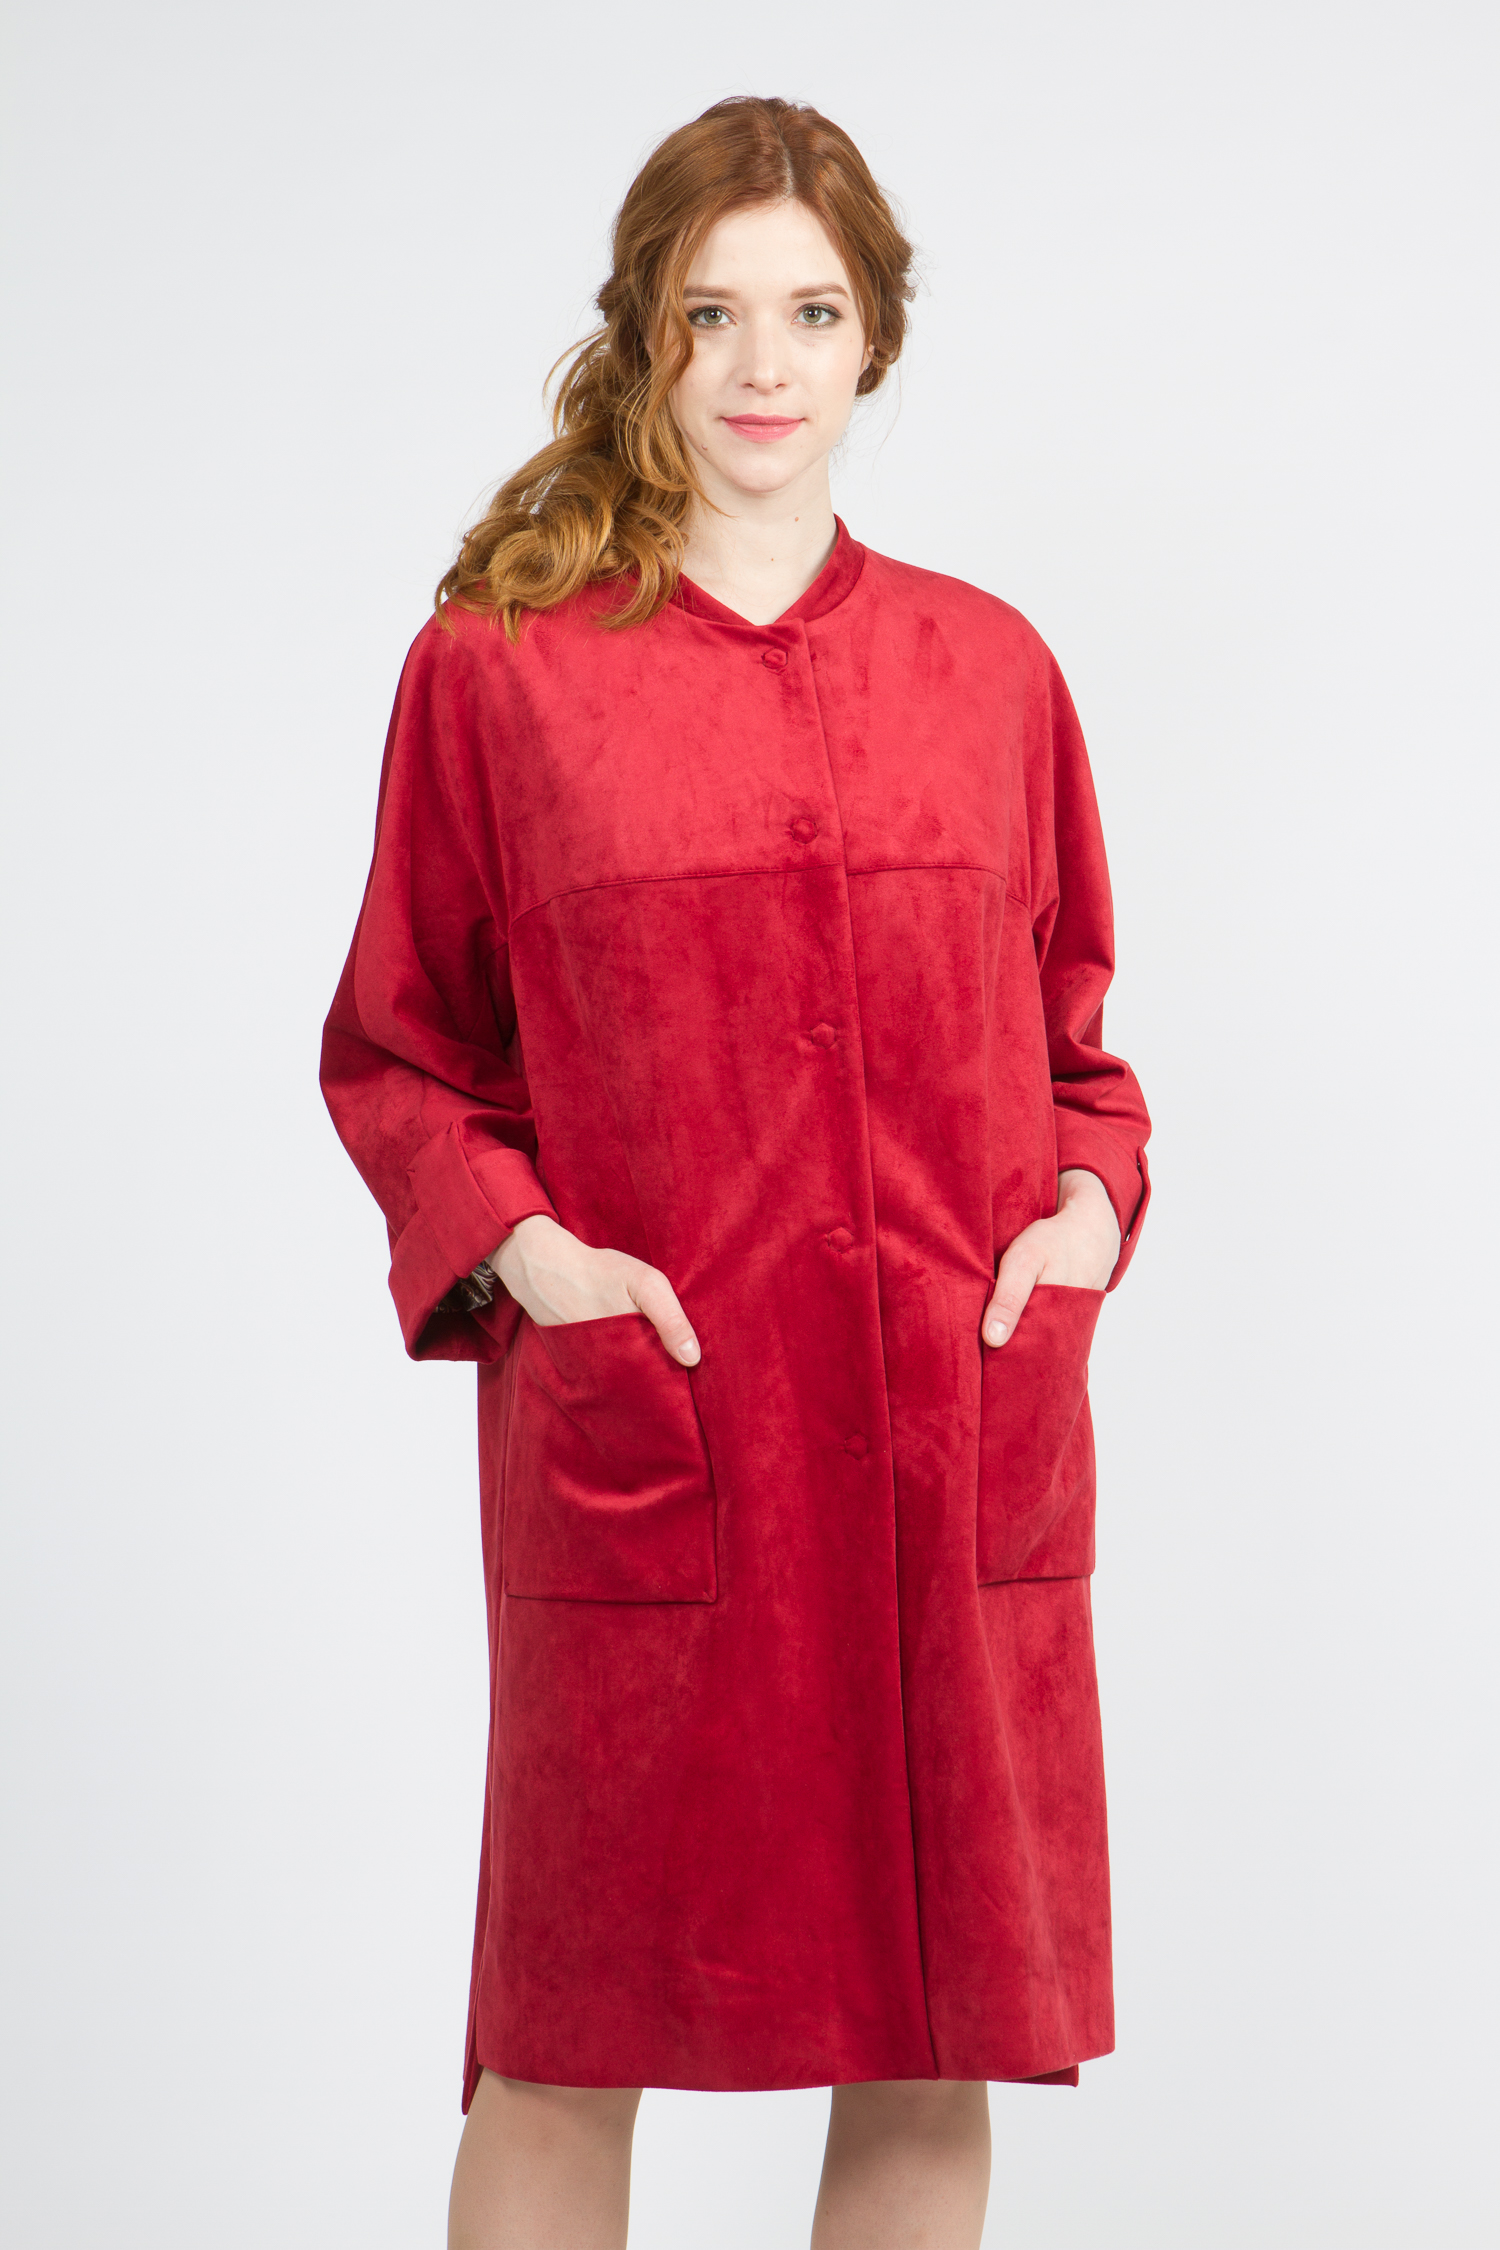 Облегченное женское пальто из текстиля с воротником, без отделки. Производитель: Московская Меховая Компания, артикул: 9071